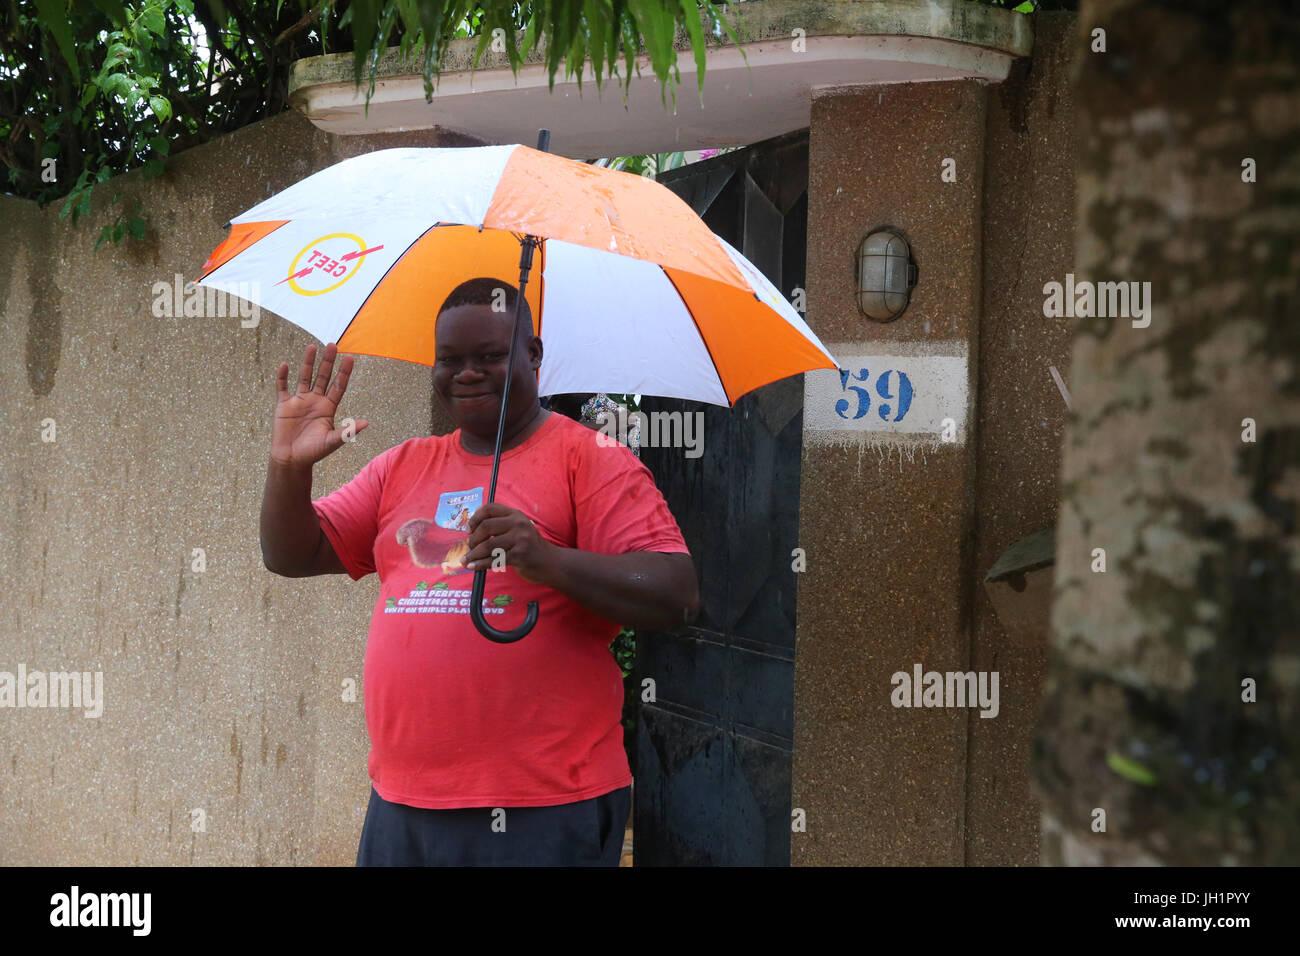 Afrikanischen jungen mit Regenschirm.  Lome. Togo. Stockbild